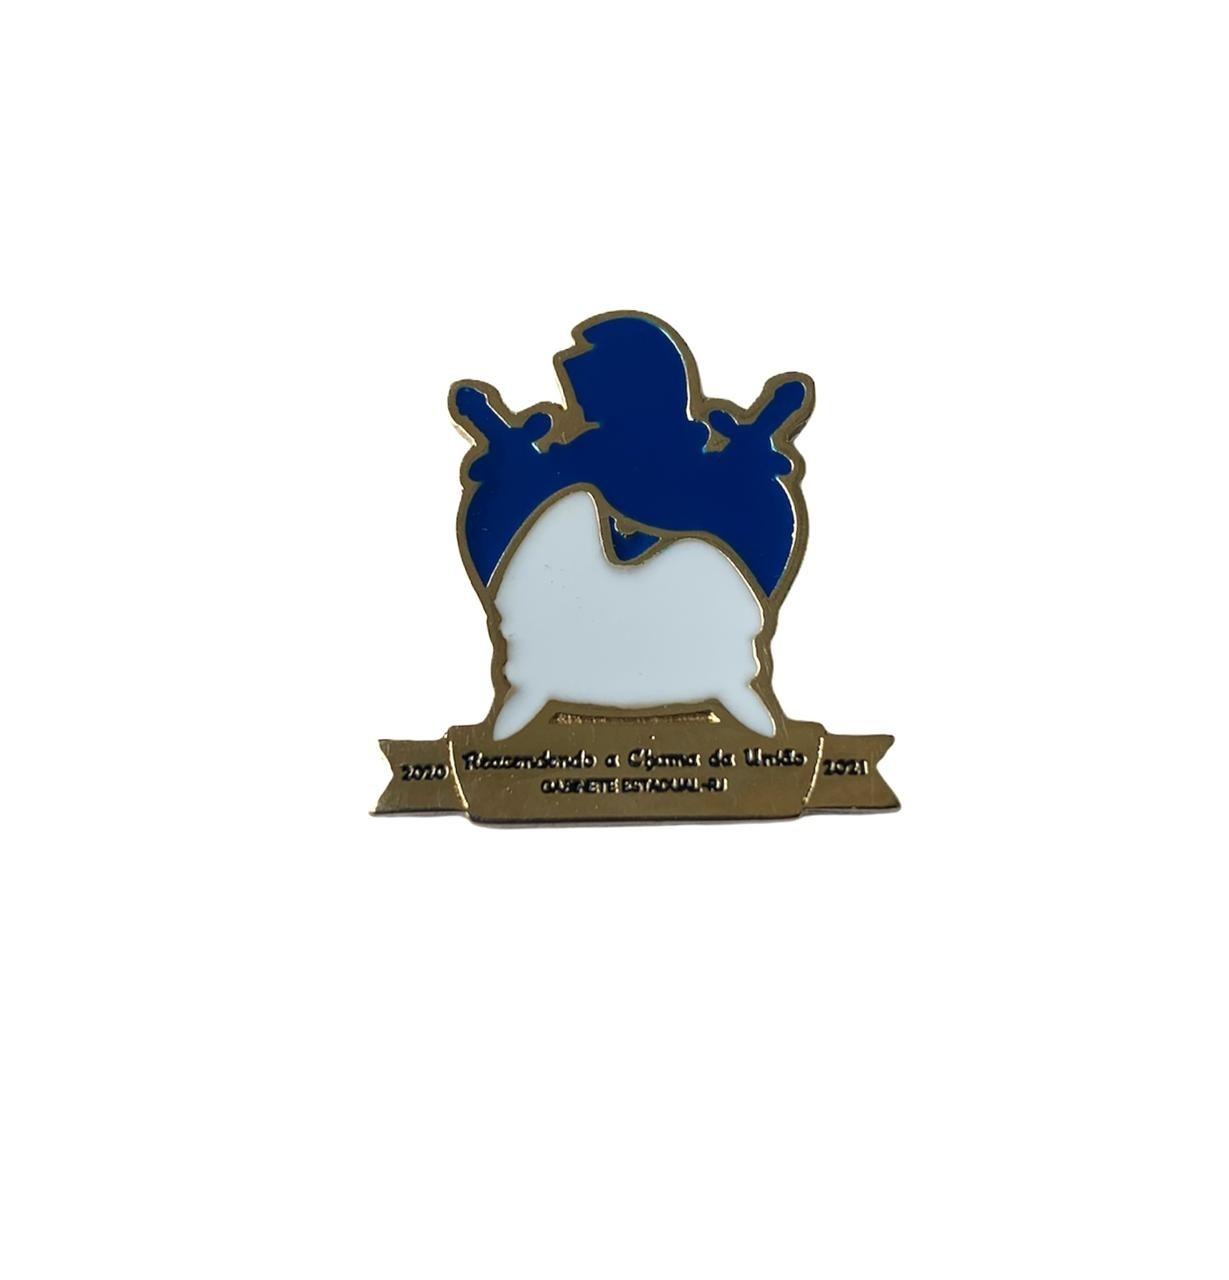 Pin DeMolay Grande Capitulo do Estado do RJ - Liderança Juvenil (lançamento)